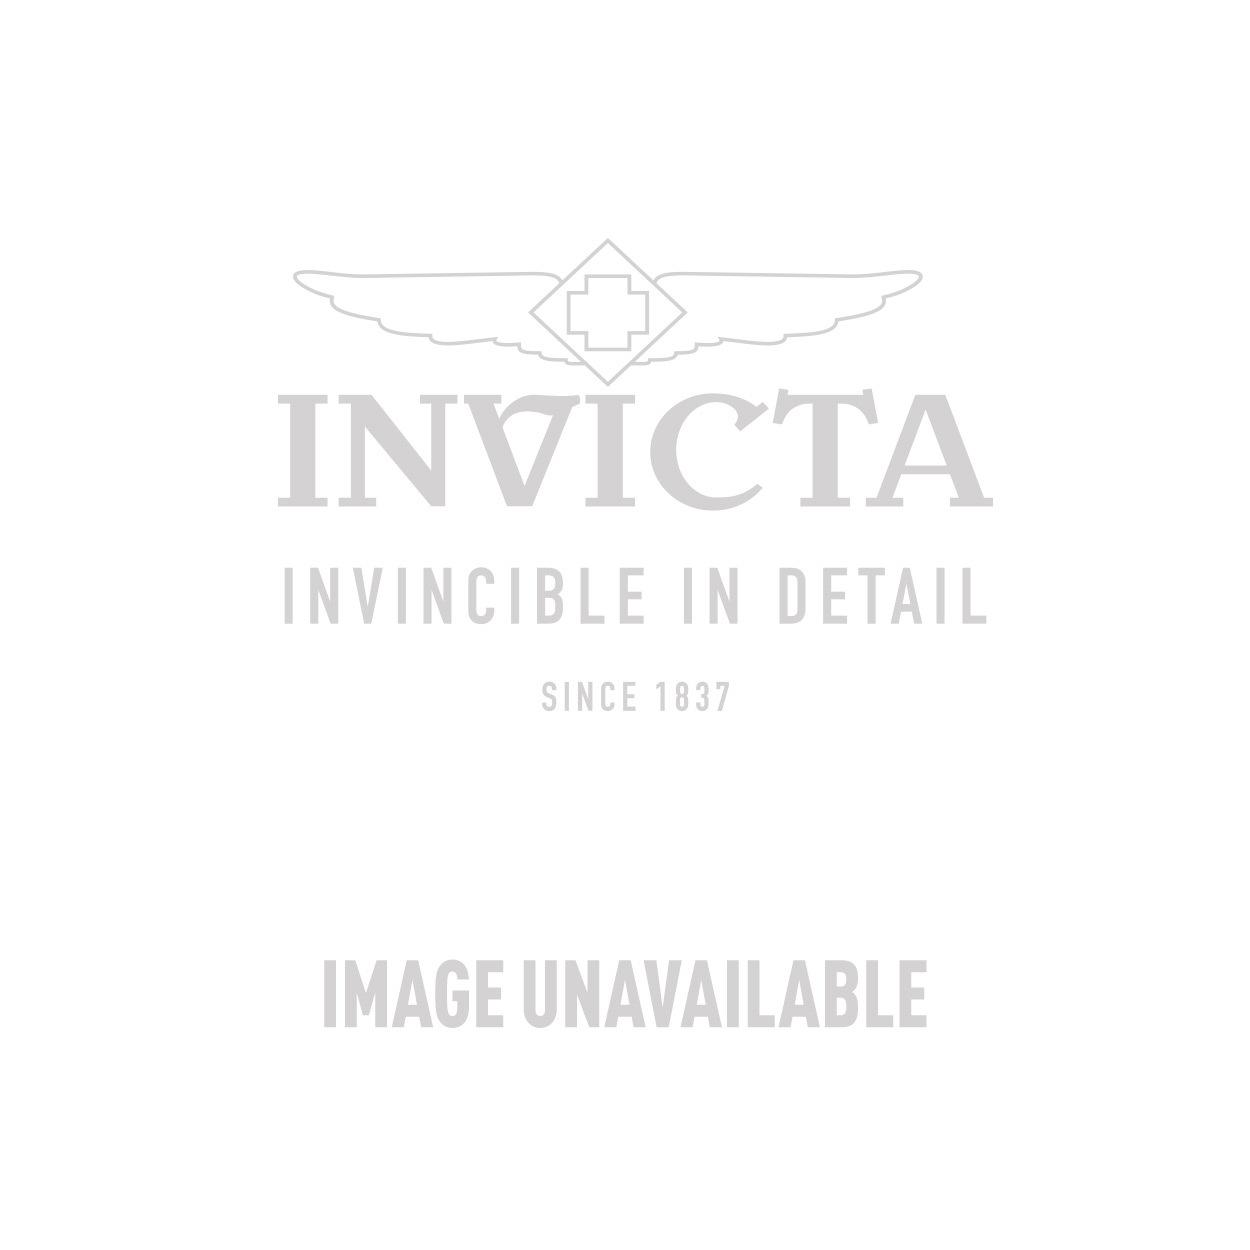 Invicta Model 27697